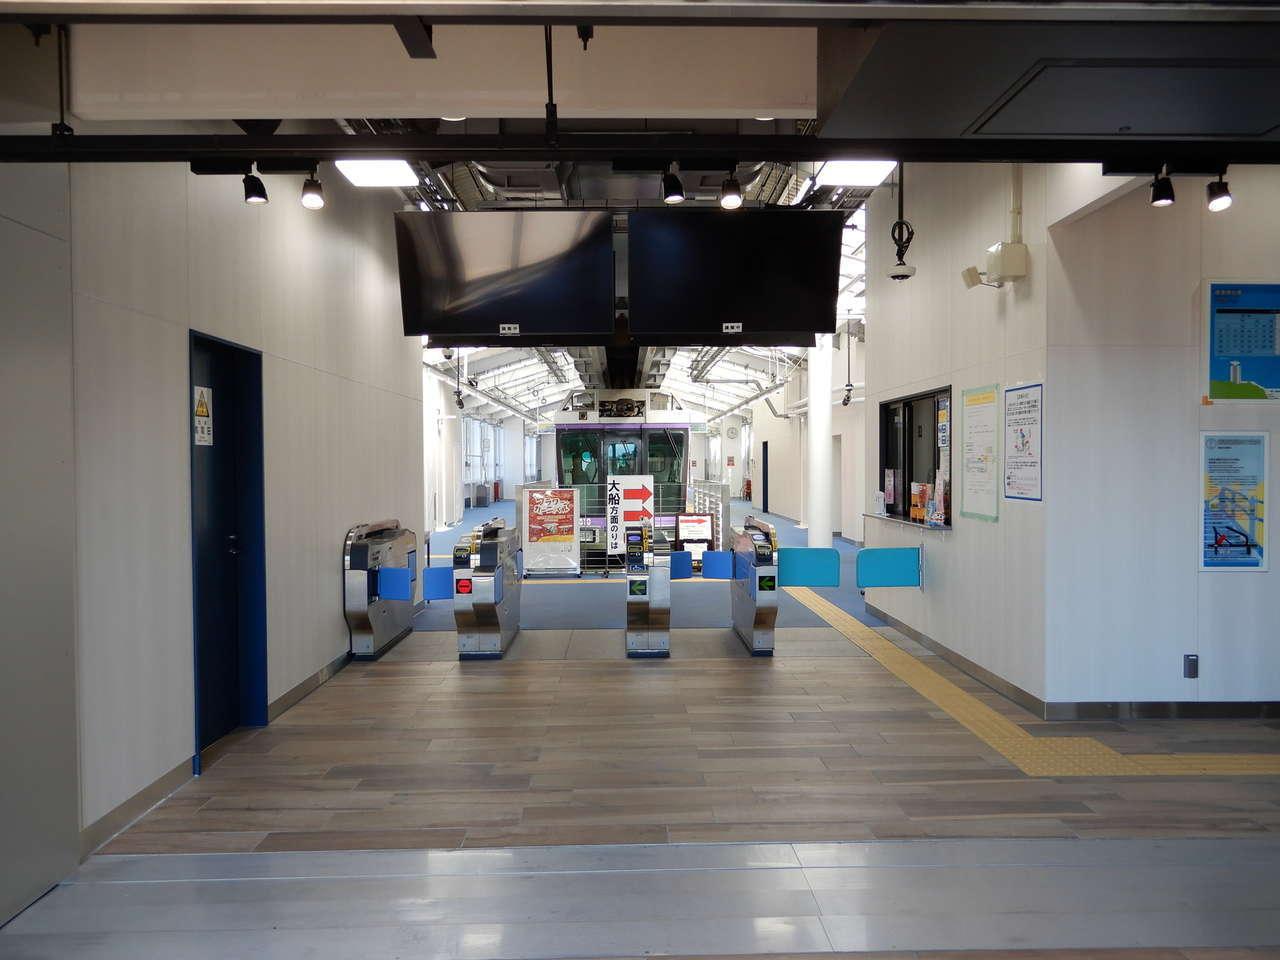 改札口と電気設備の部屋